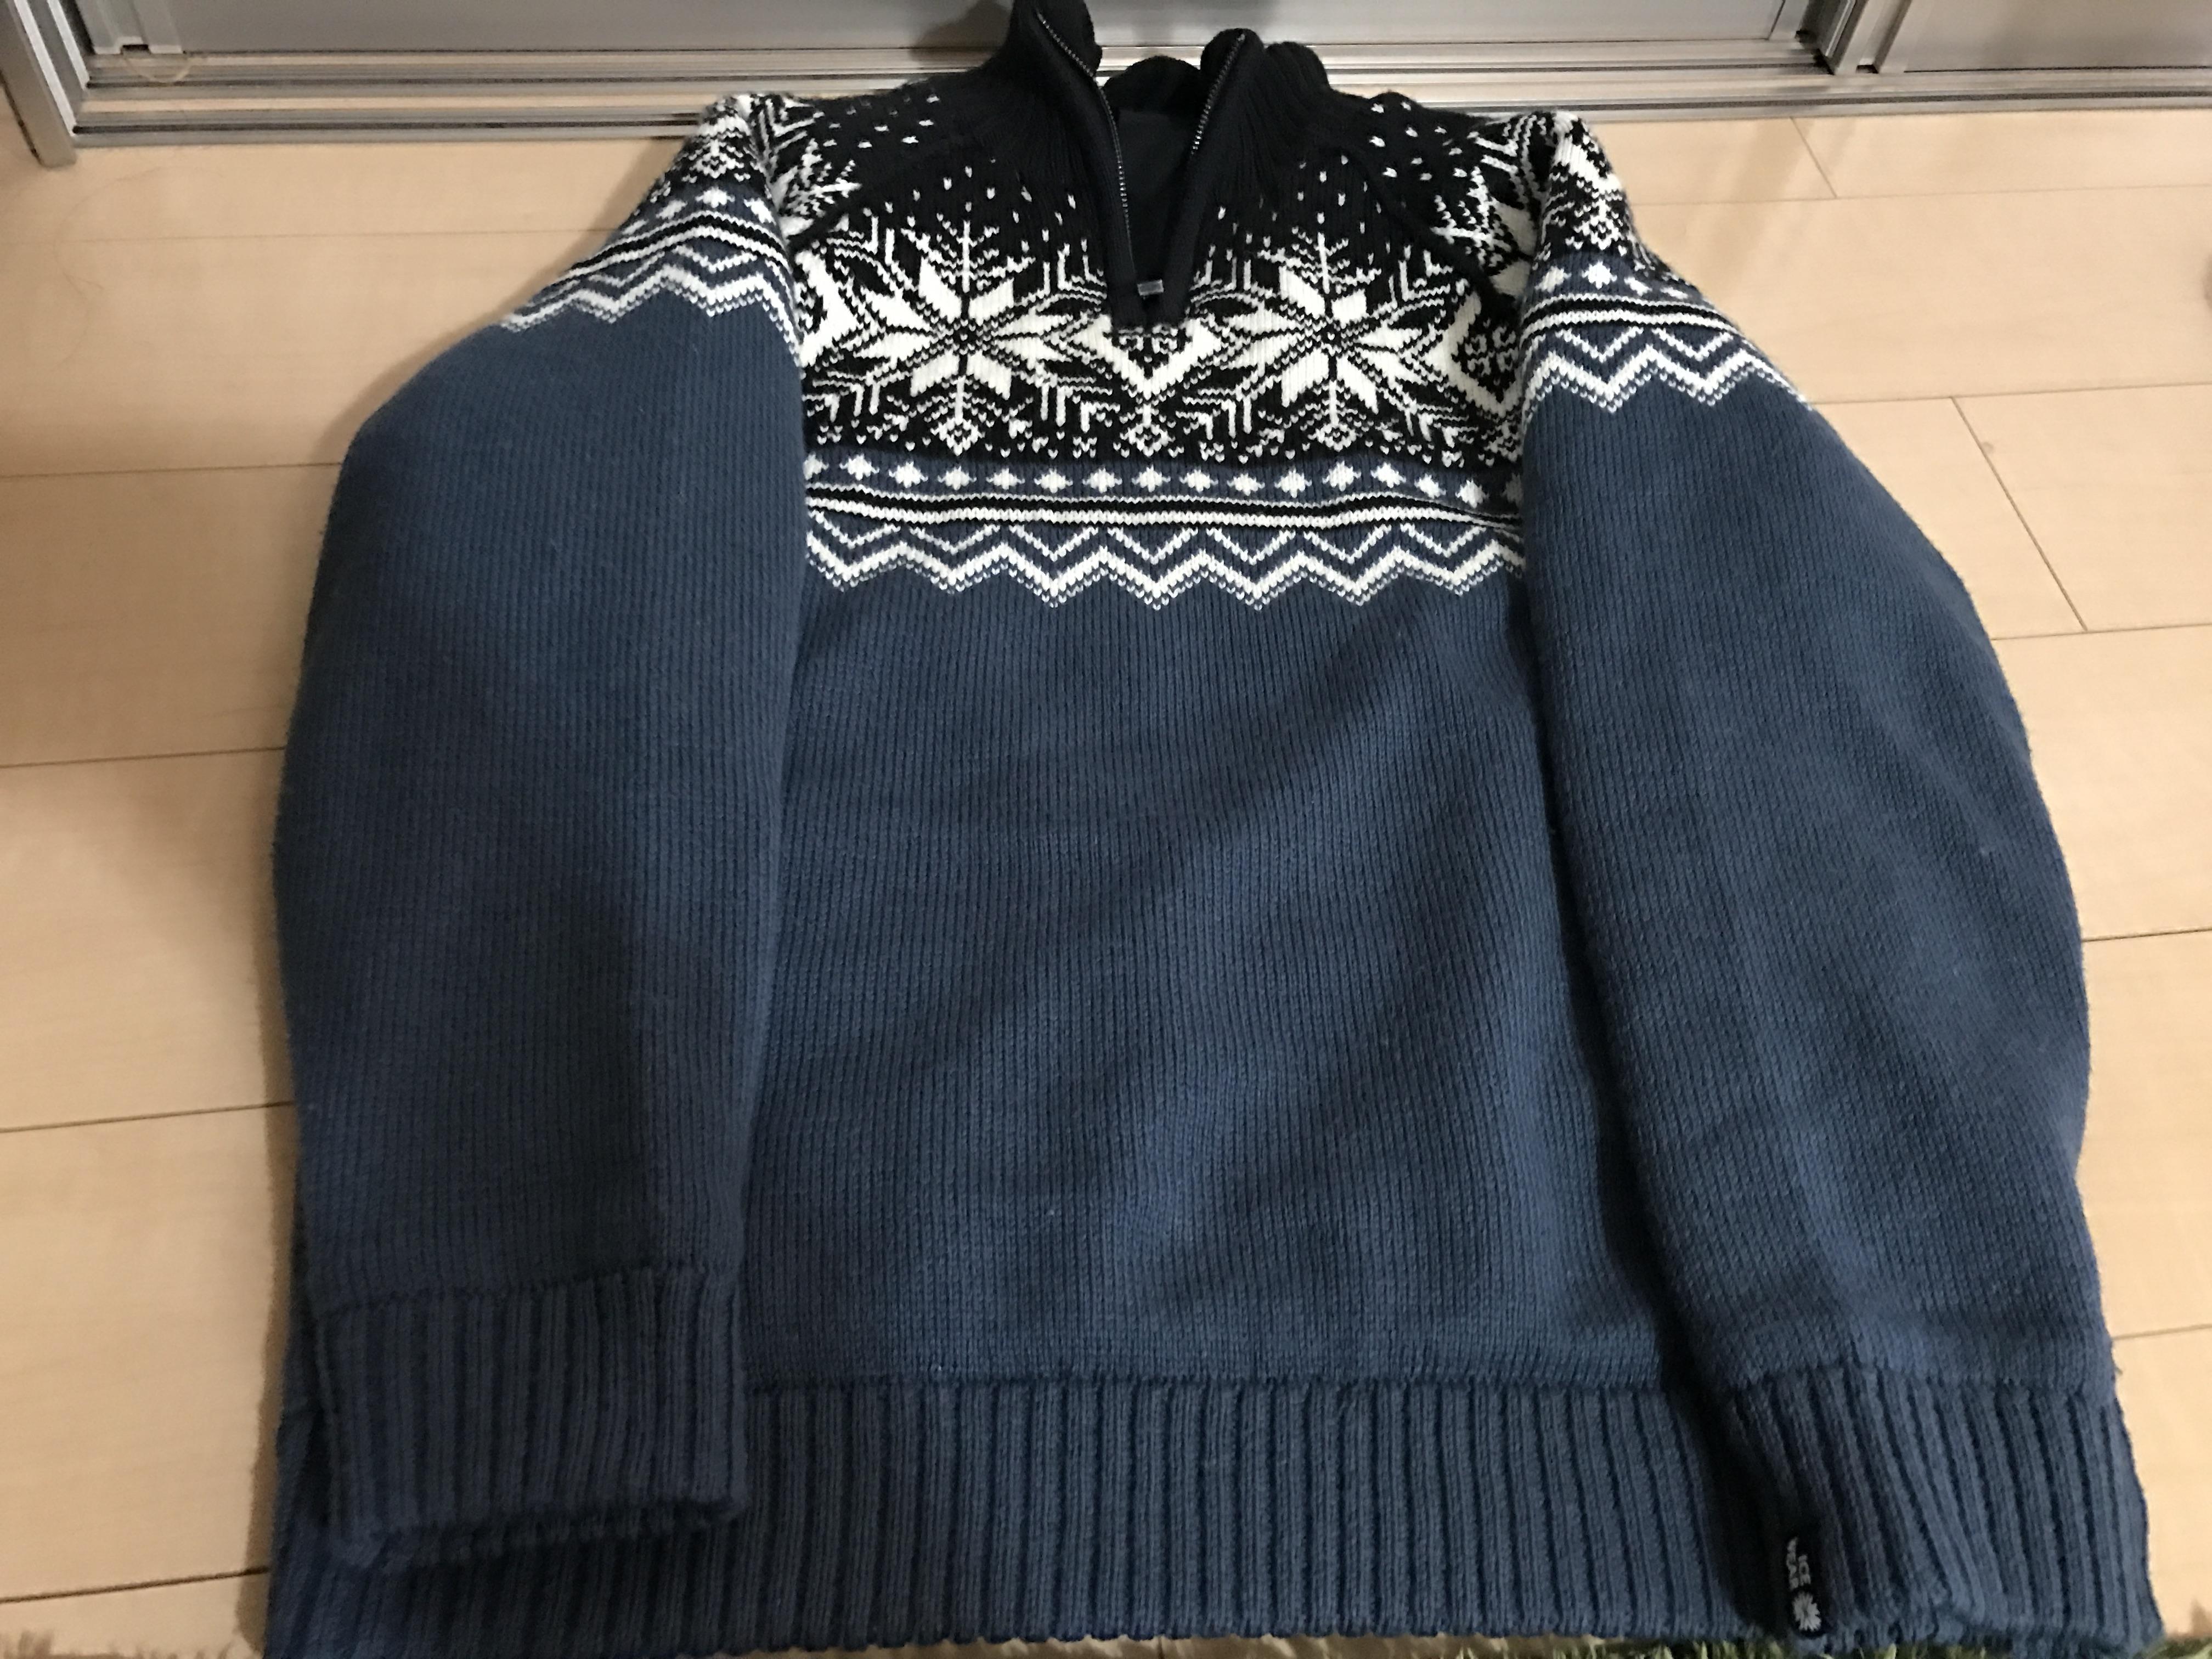 大寒波到来!寒い!そんな時には、アイスランドの帽子・セーターがおススメ!【アイスランド紀行番外編】